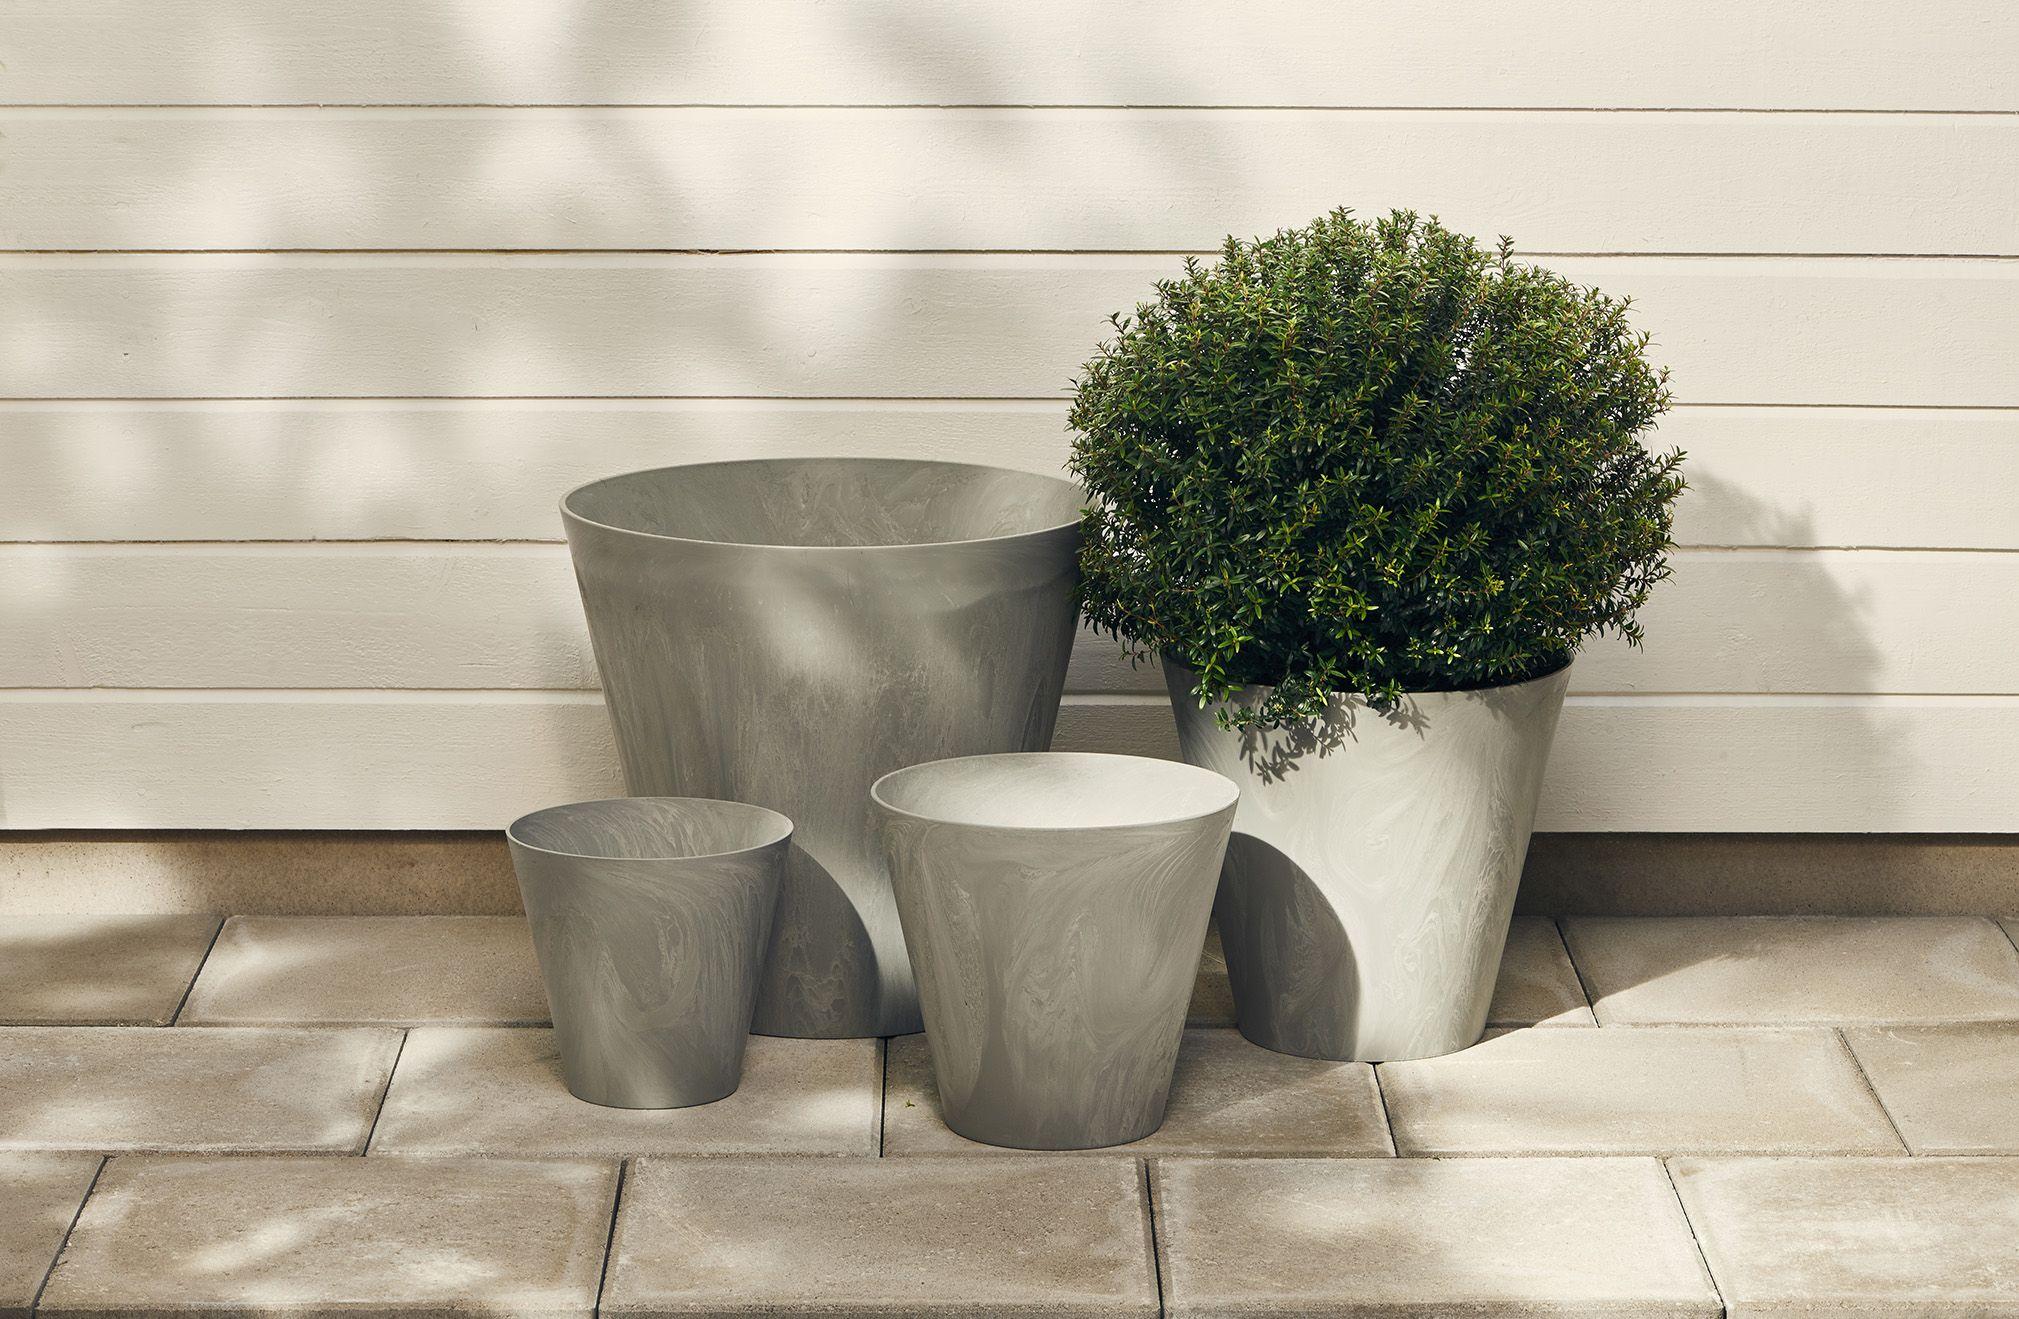 Pihaa kaunistavat kukkaruukut (14-2430-14-2433 ! Moderni malli, joka muistuttaa betonia/marmoria. Valmistettu lujasta polyamidista. Pakkasen ja UV-säteilyn kestävä, ei vedenpoistoa.